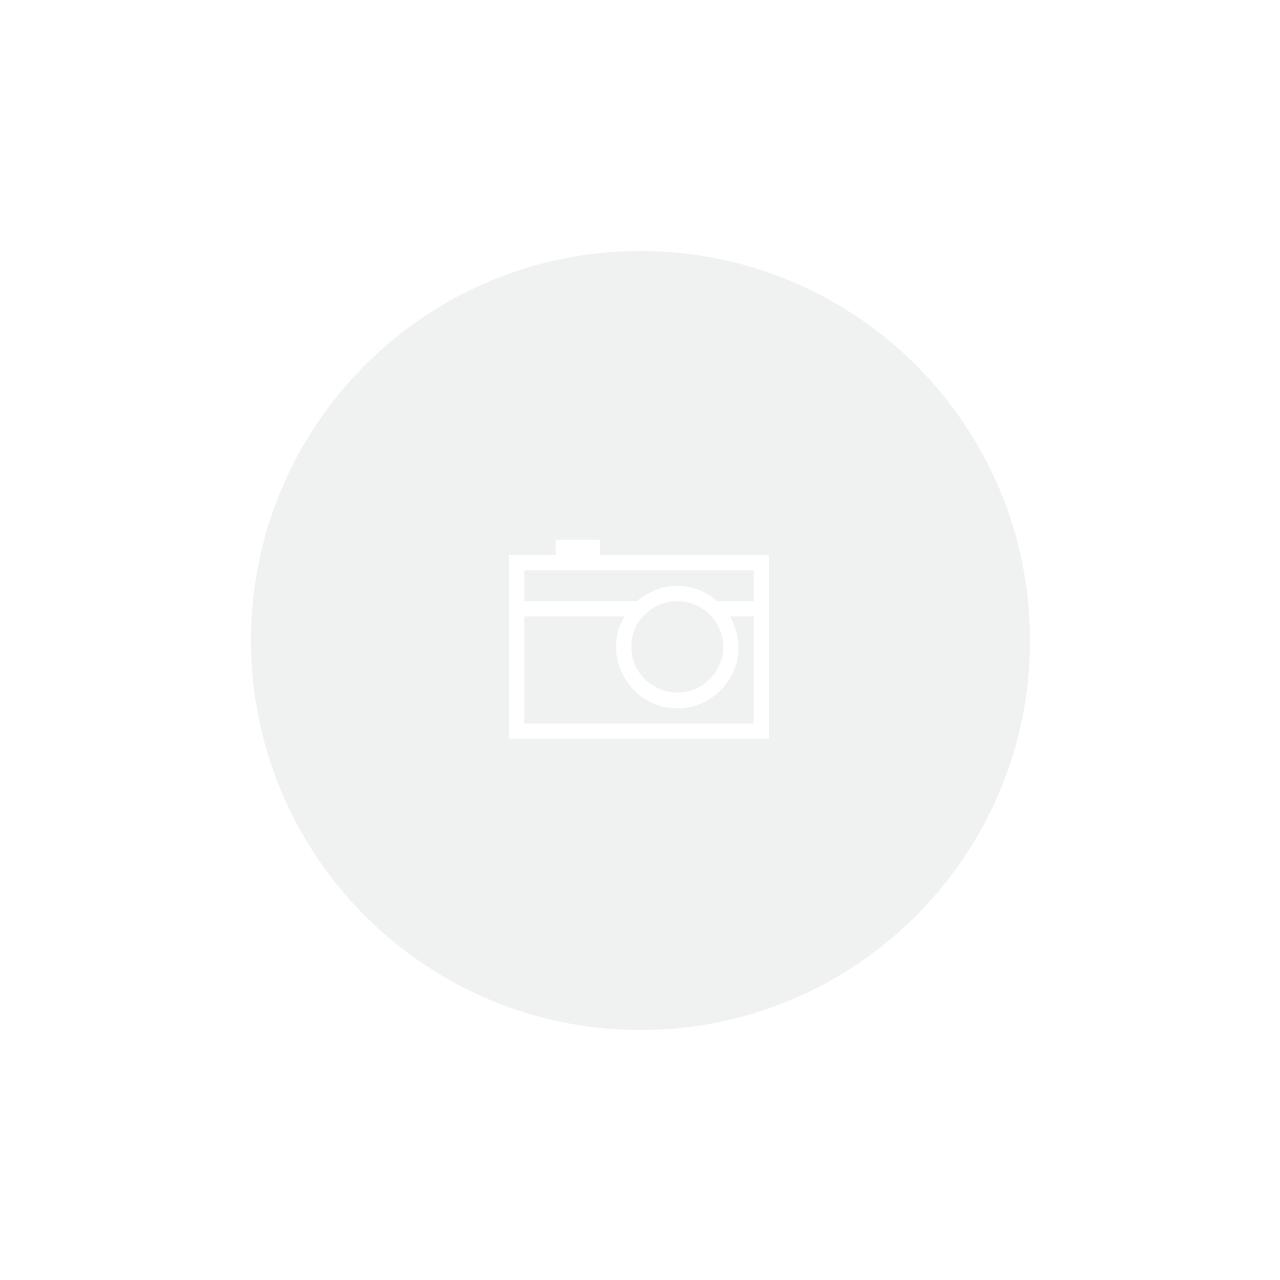 Placa de Vídeo Gigabyte GeForce RTX2060 6GB GDDR6 OC - GV-N2060OC-6GD